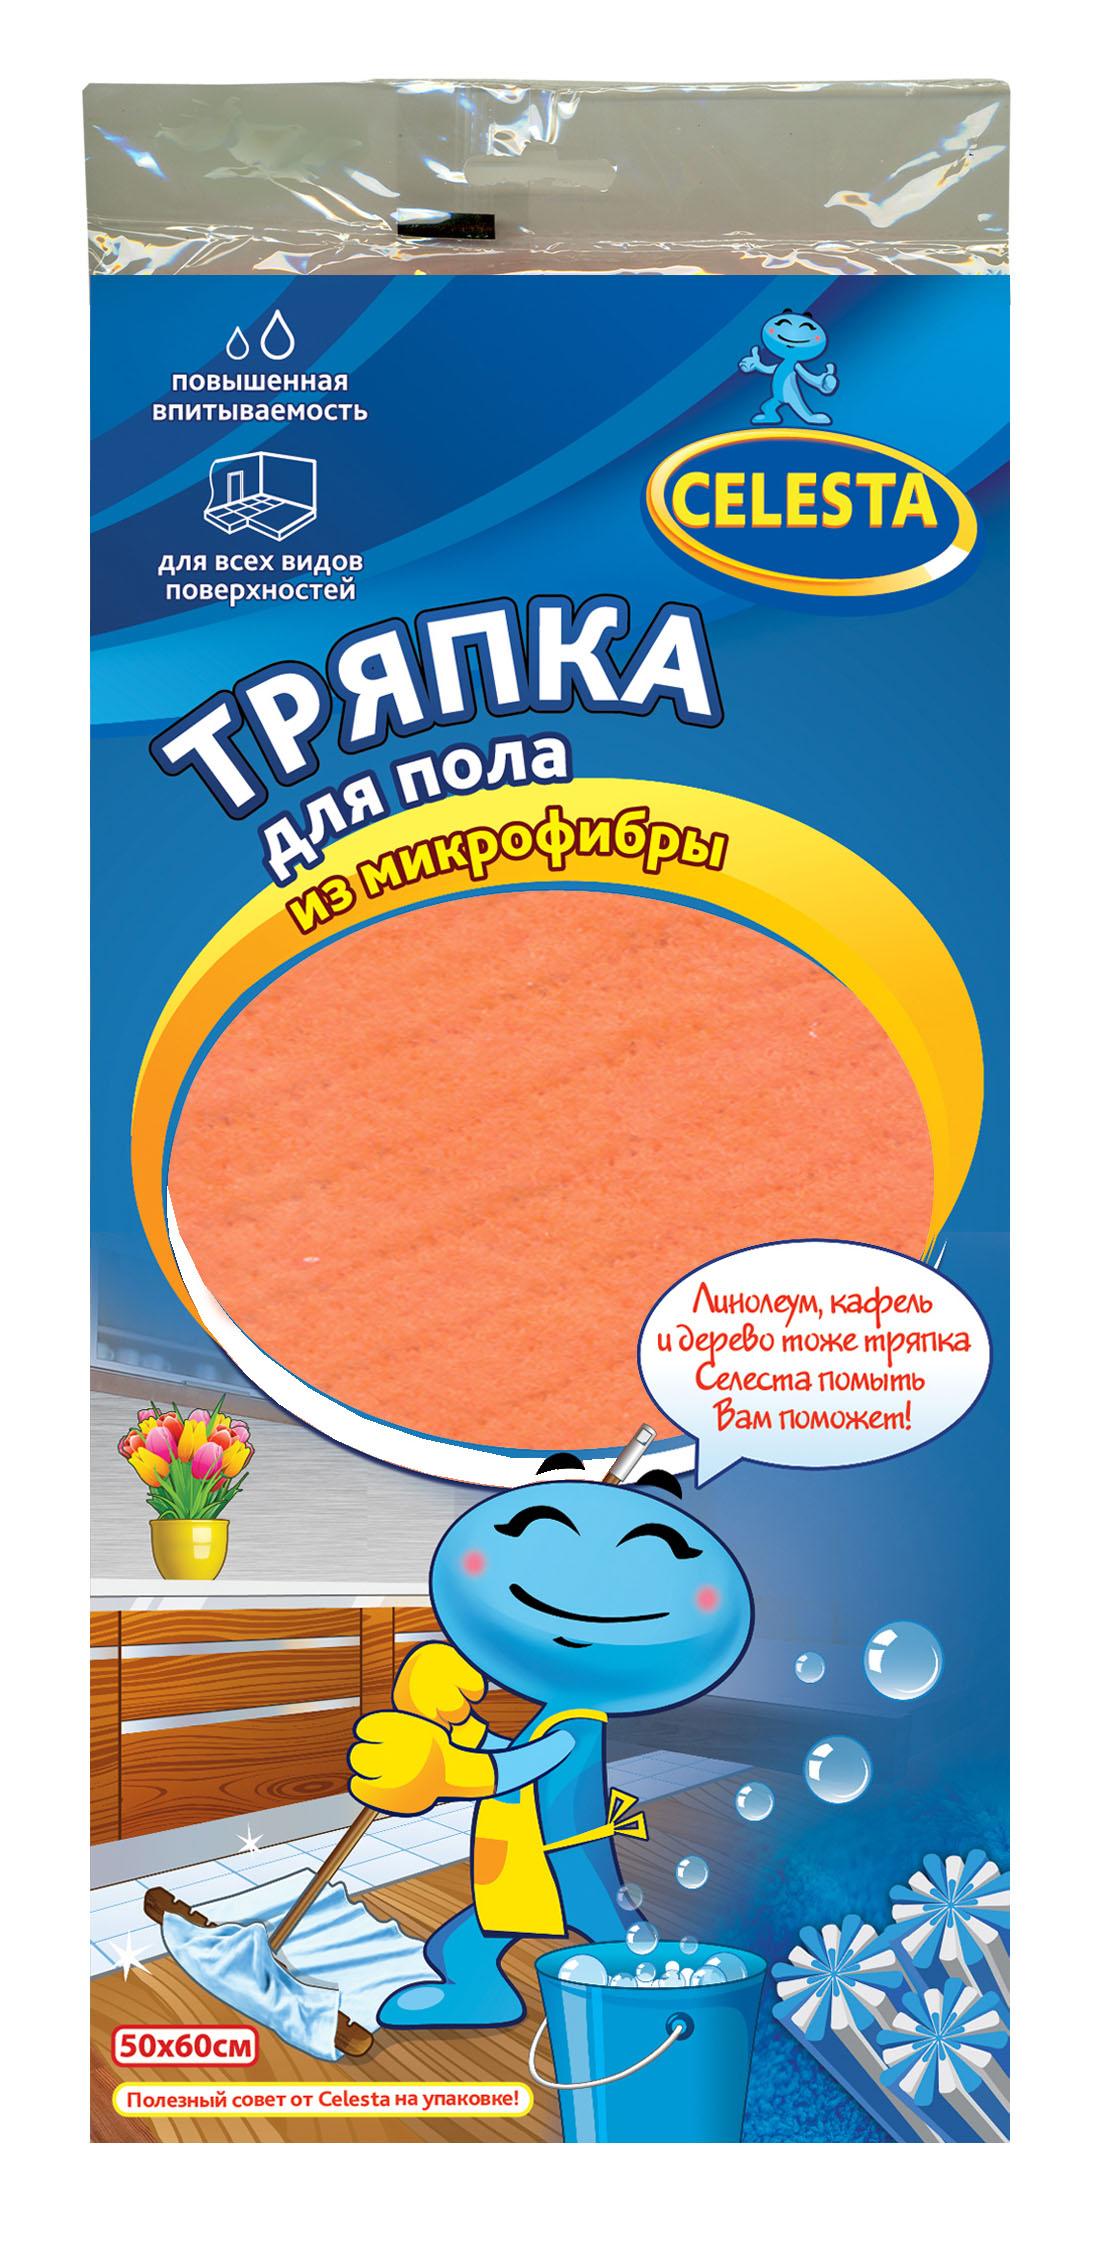 Тряпка для пола Celesta, из микрофибры, цвет: оранжевый, 50 х 60 см531-105Тряпка из микрофибры Celesta предназначена для мытья любых полов. В сухом виде - для ухода за потолками, стенами, ковровыми покрытиями. Деликатно очищает поверхность, не оставляет разводов, ворсинок.Состав: полиэстер 80%, полиамид 20%.Размер: 50 см х 60 см.